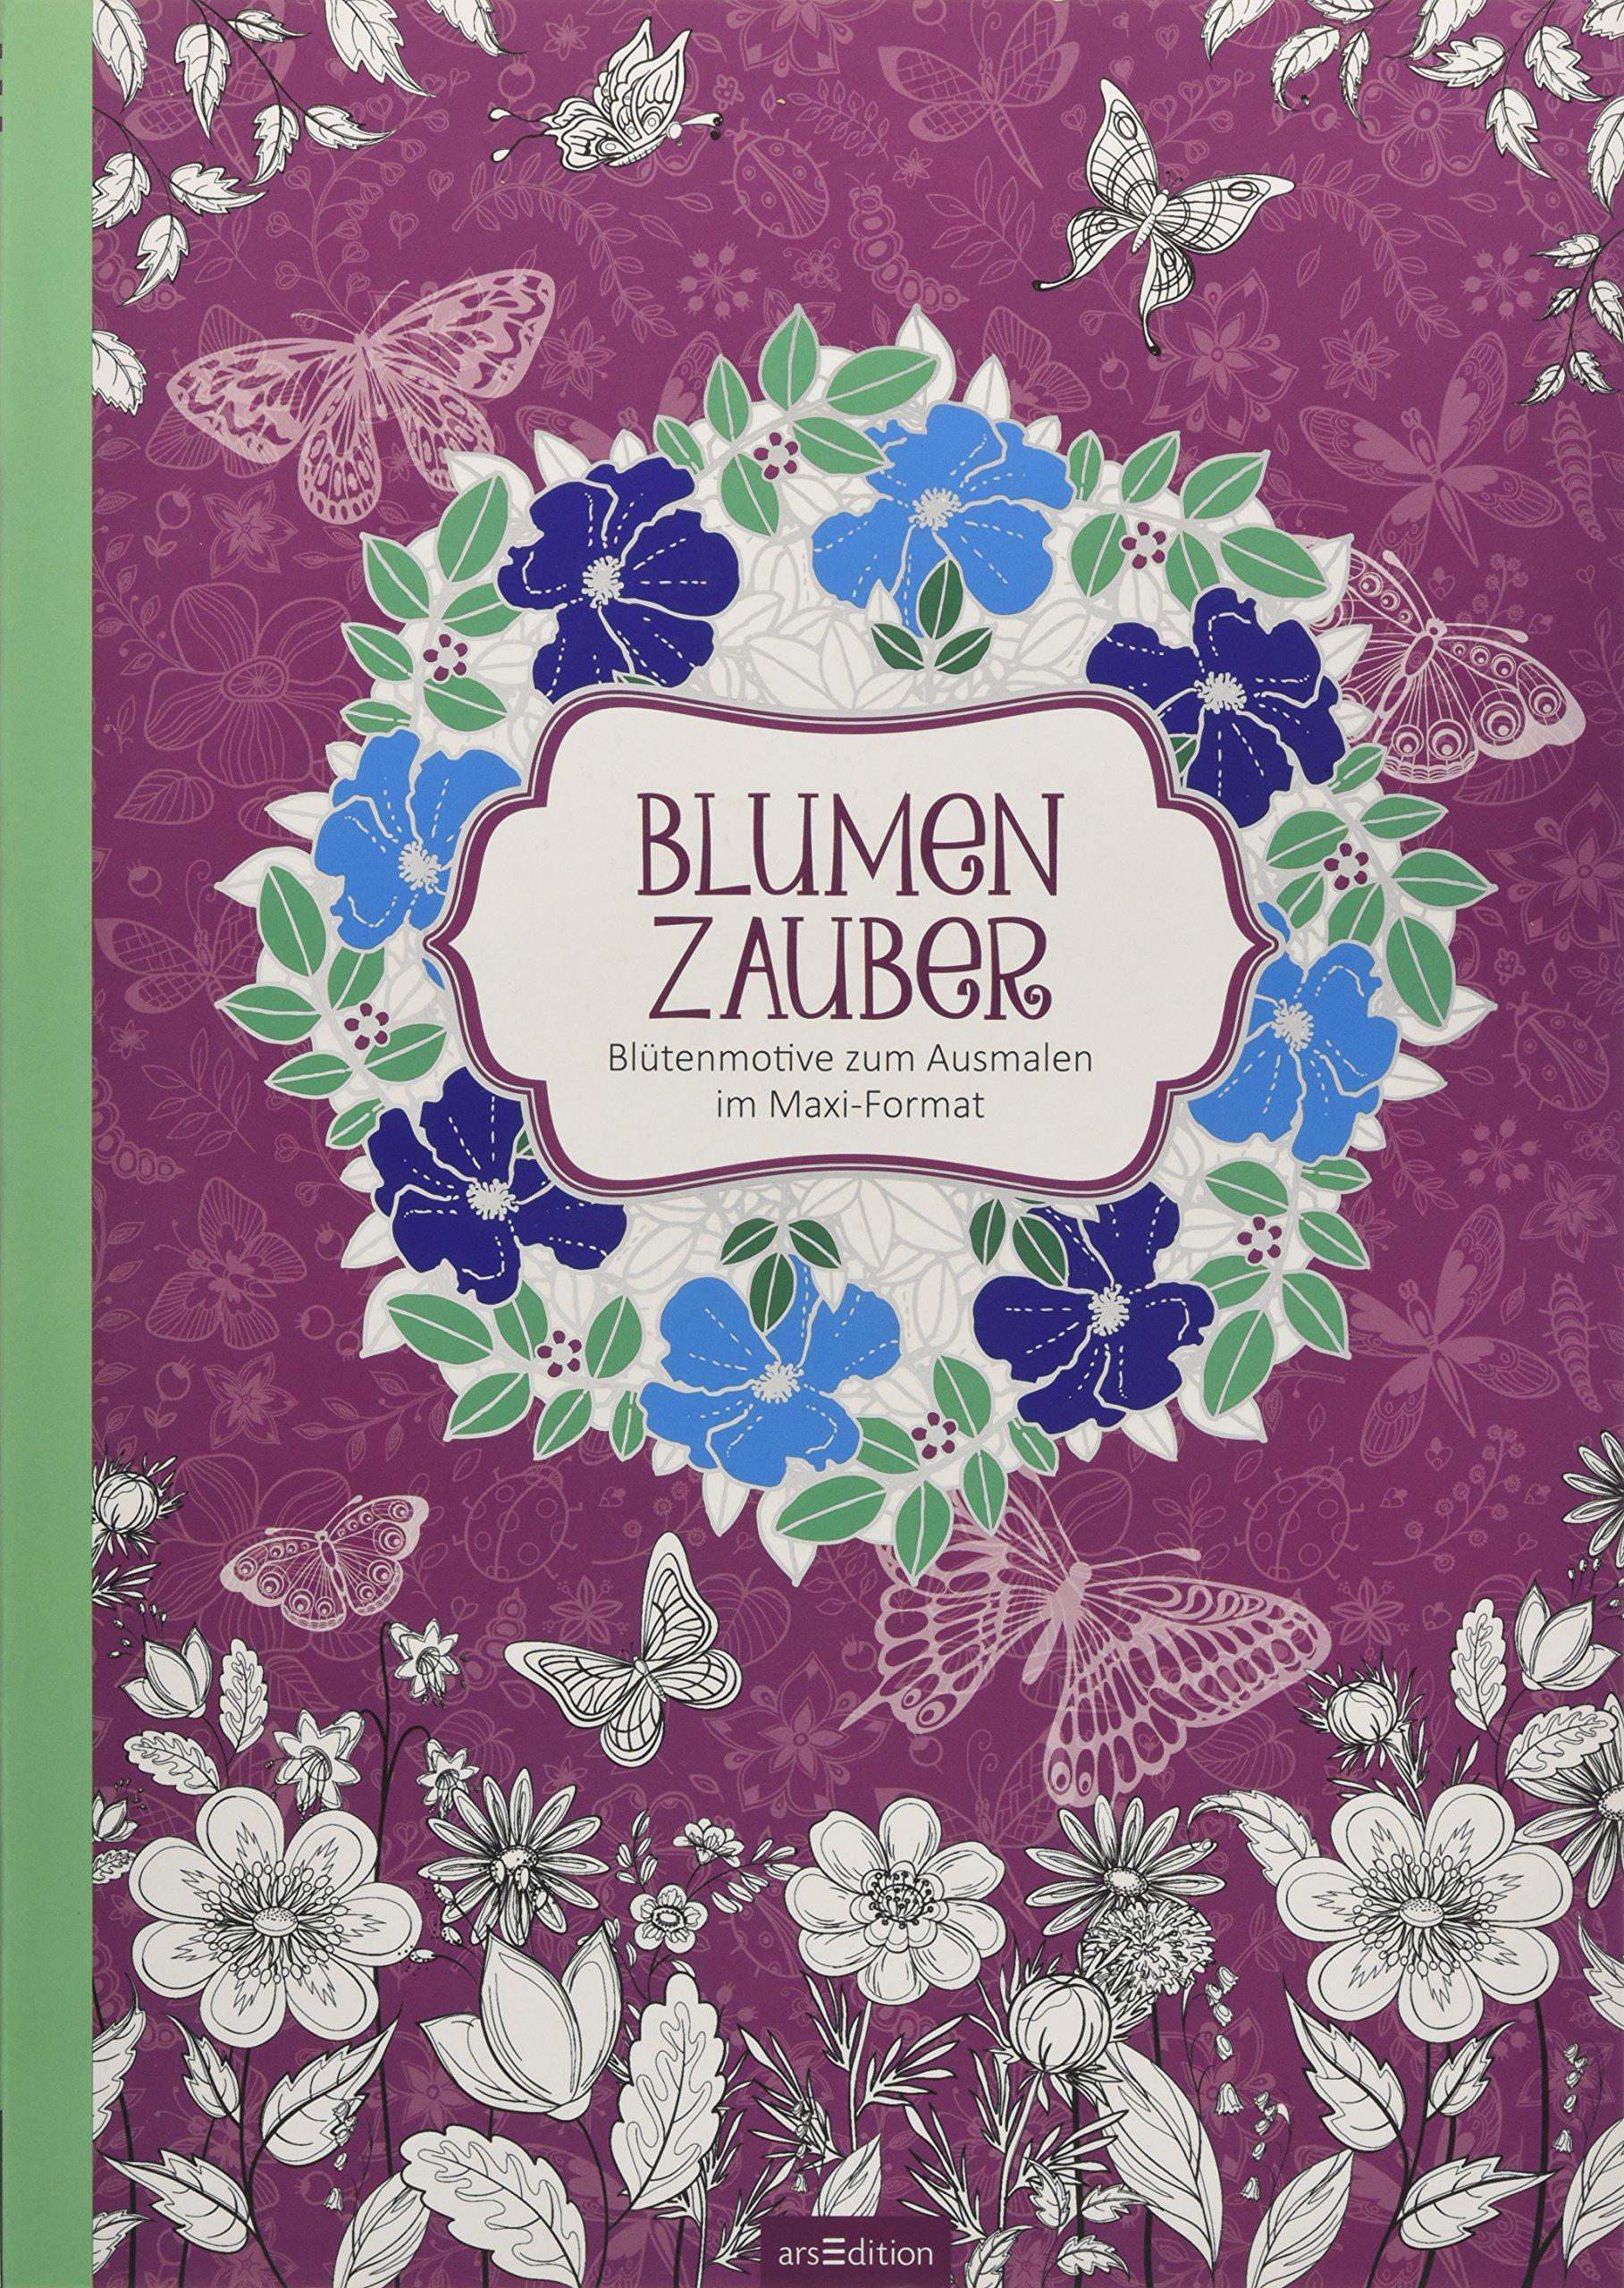 Blumenzauber: Blütenmotive zum Ausmalen im Maxi-Format (Malprodukte für Erwachsene)